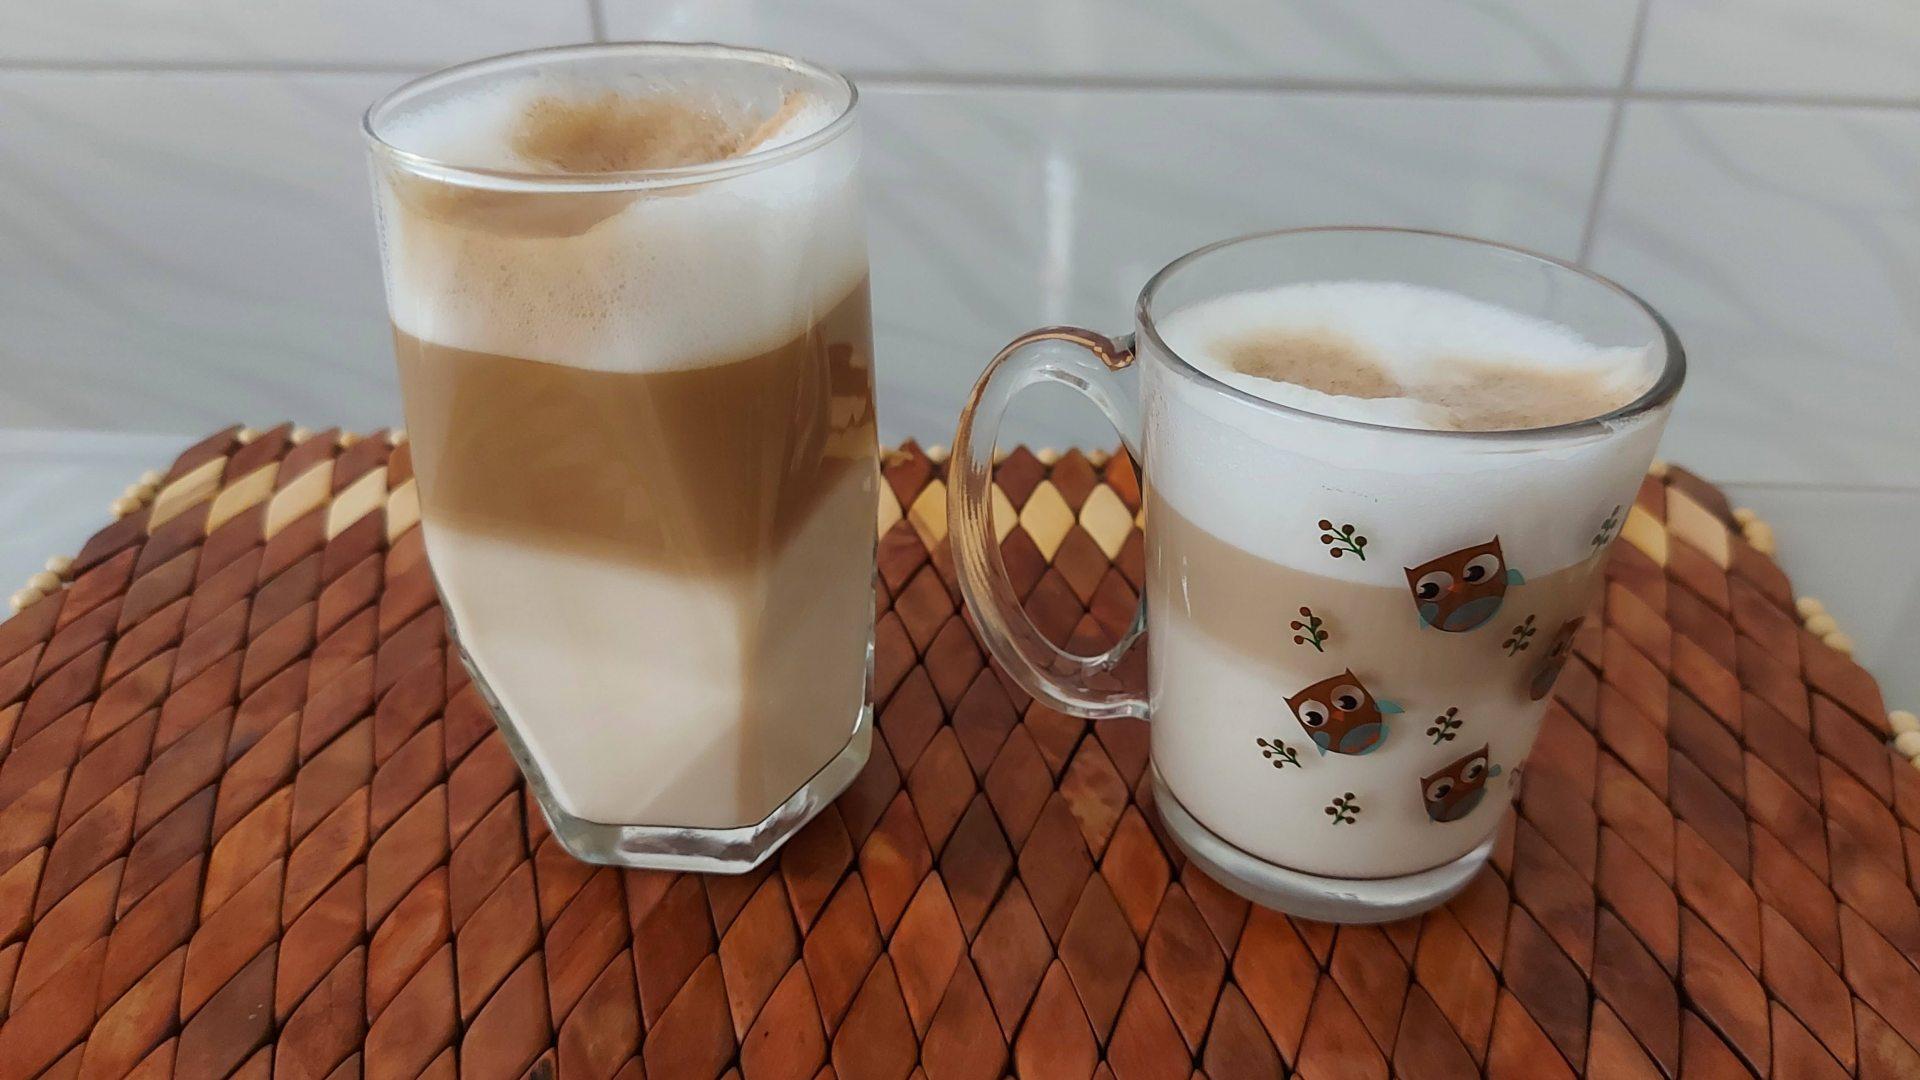 Esses são os tamanhos dos lattes longo e curto (Foto: Acervo Pessoal/Ariel Cristina Borges)